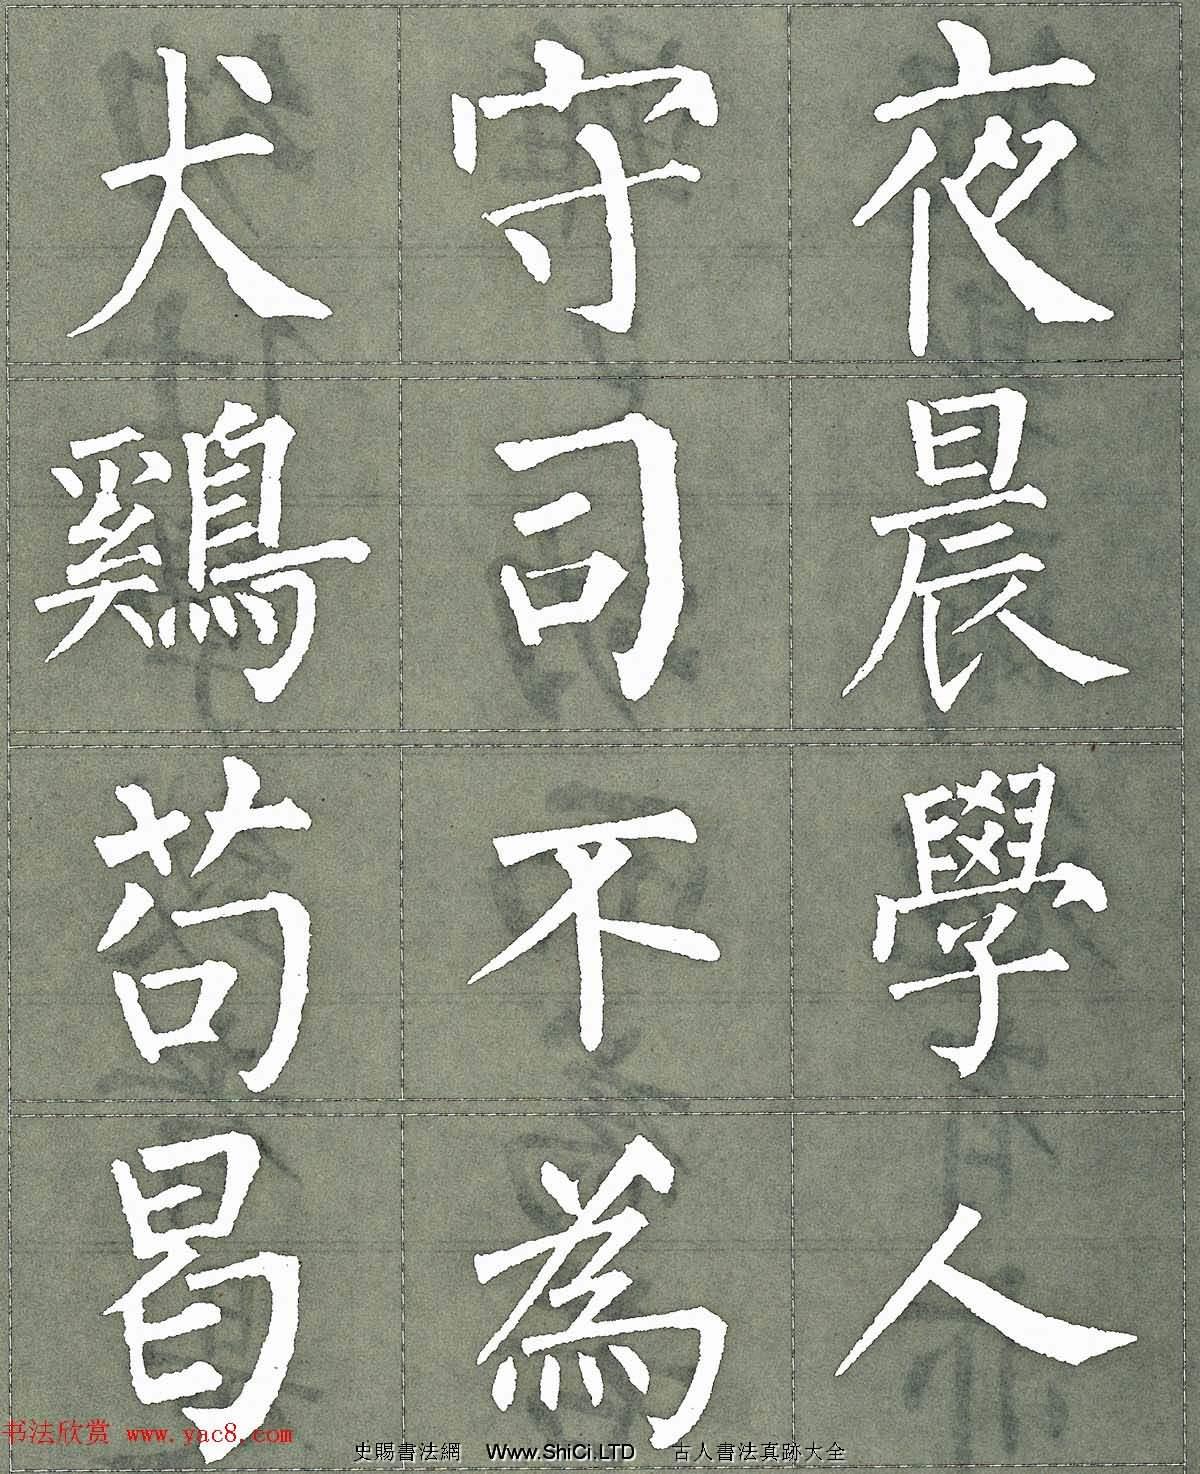 柳公權楷書字帖《柳體三字經》